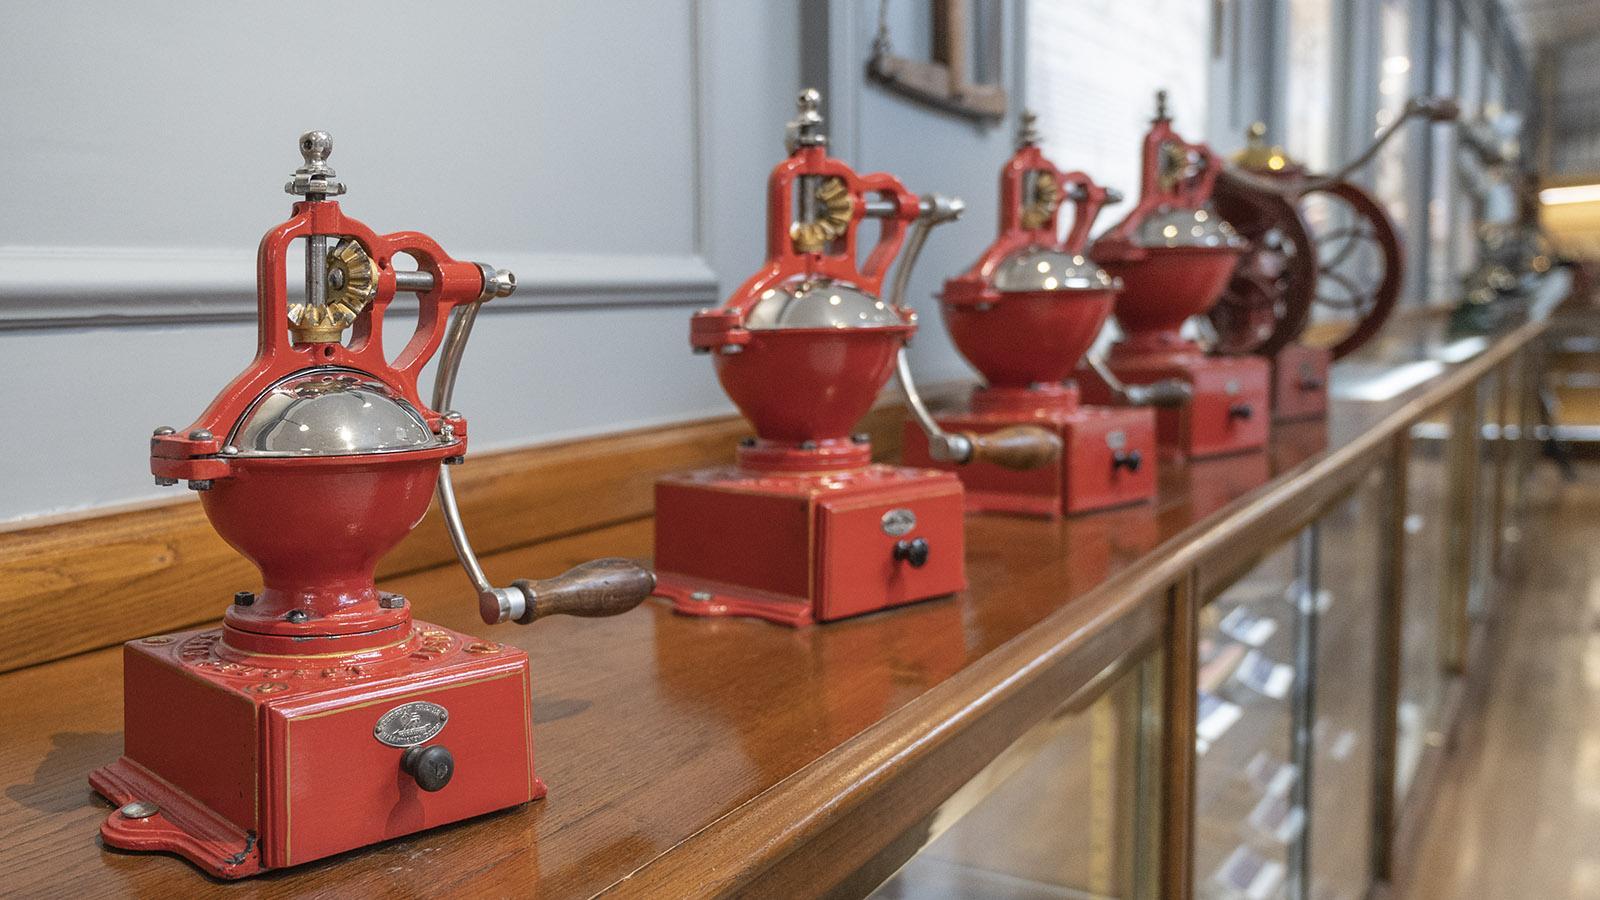 Die Kaffeemühlen von Peugeot. Foto: Hilke Maunder